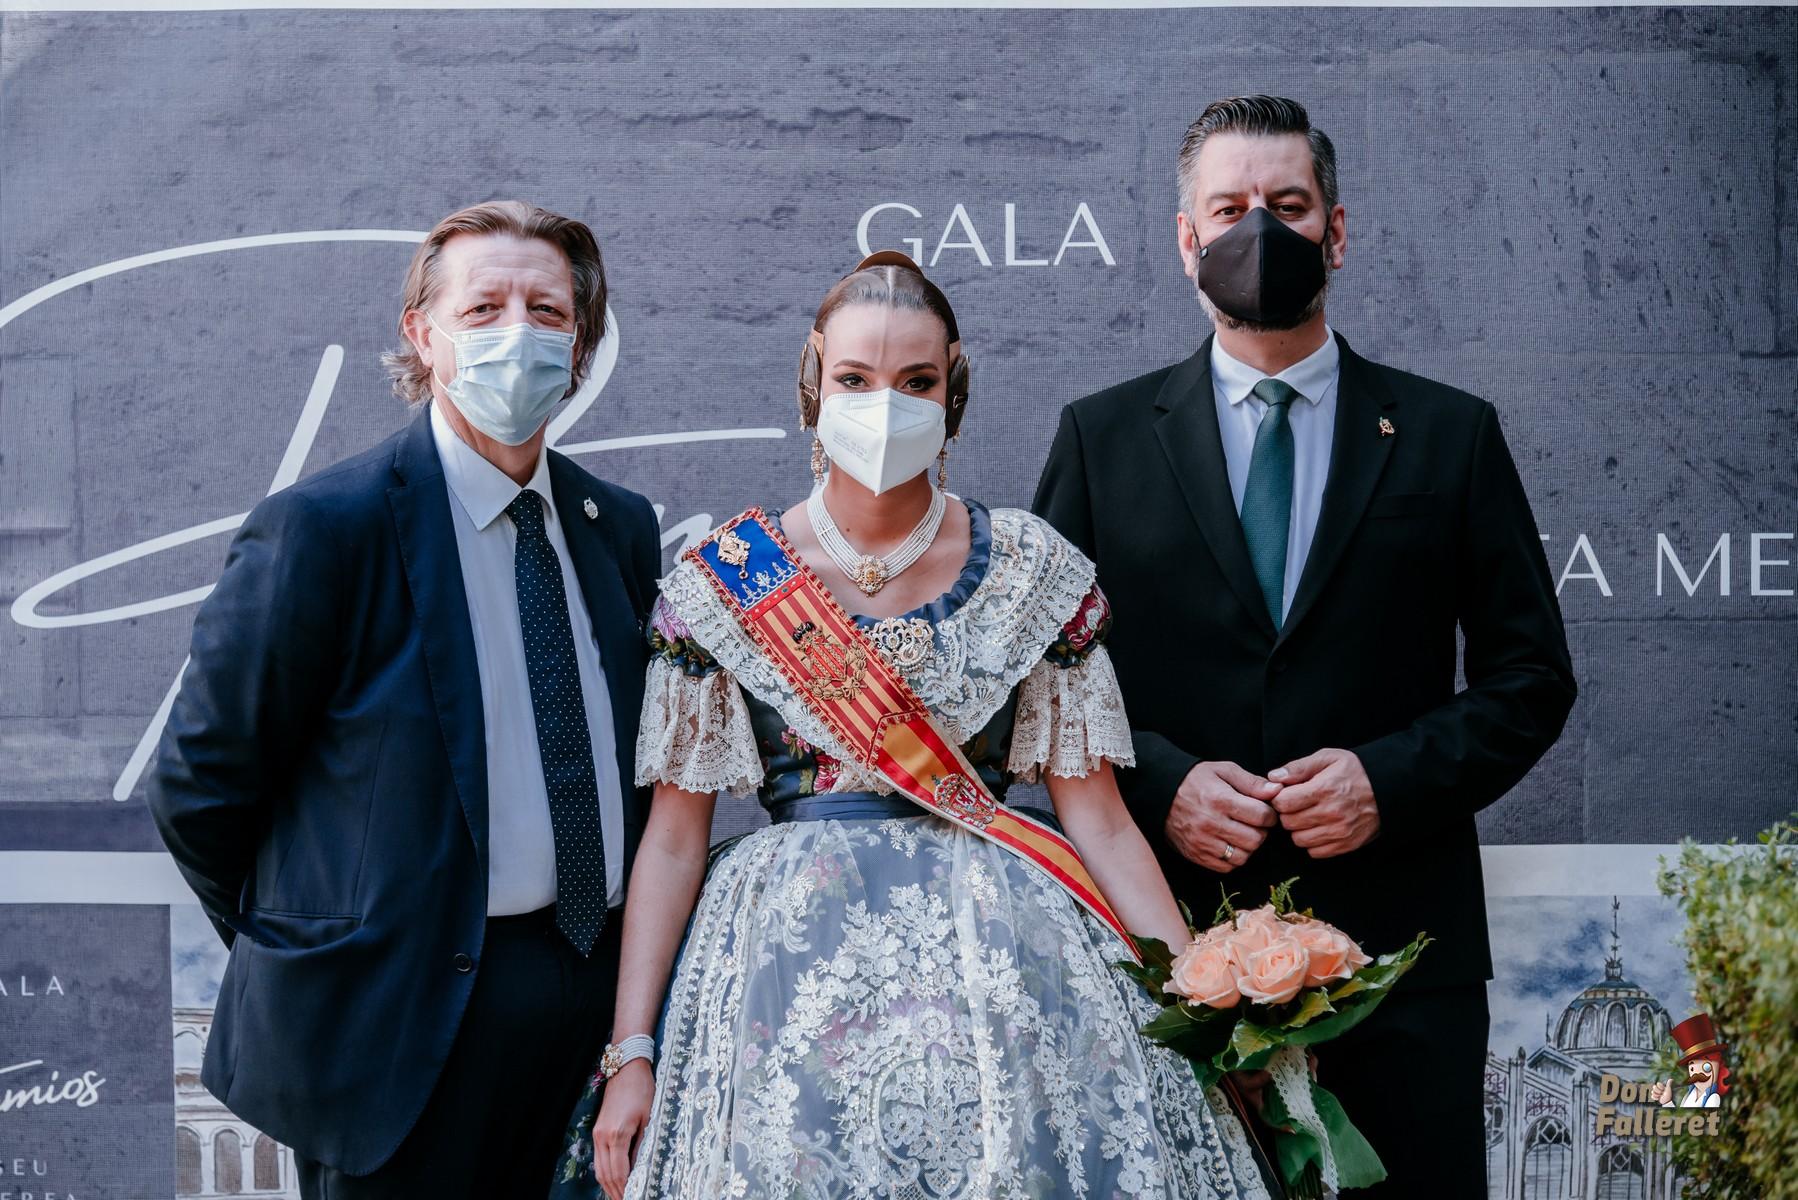 Consuelo Llobell, Fallera Mayor de València junto al Presidente de la Agrupación de Fallas La Seu-Xerea-Mercat y al Presidente de Junta Central Fallera, Carlos Galiana. Foto: Fran Adlert/Don Falleret